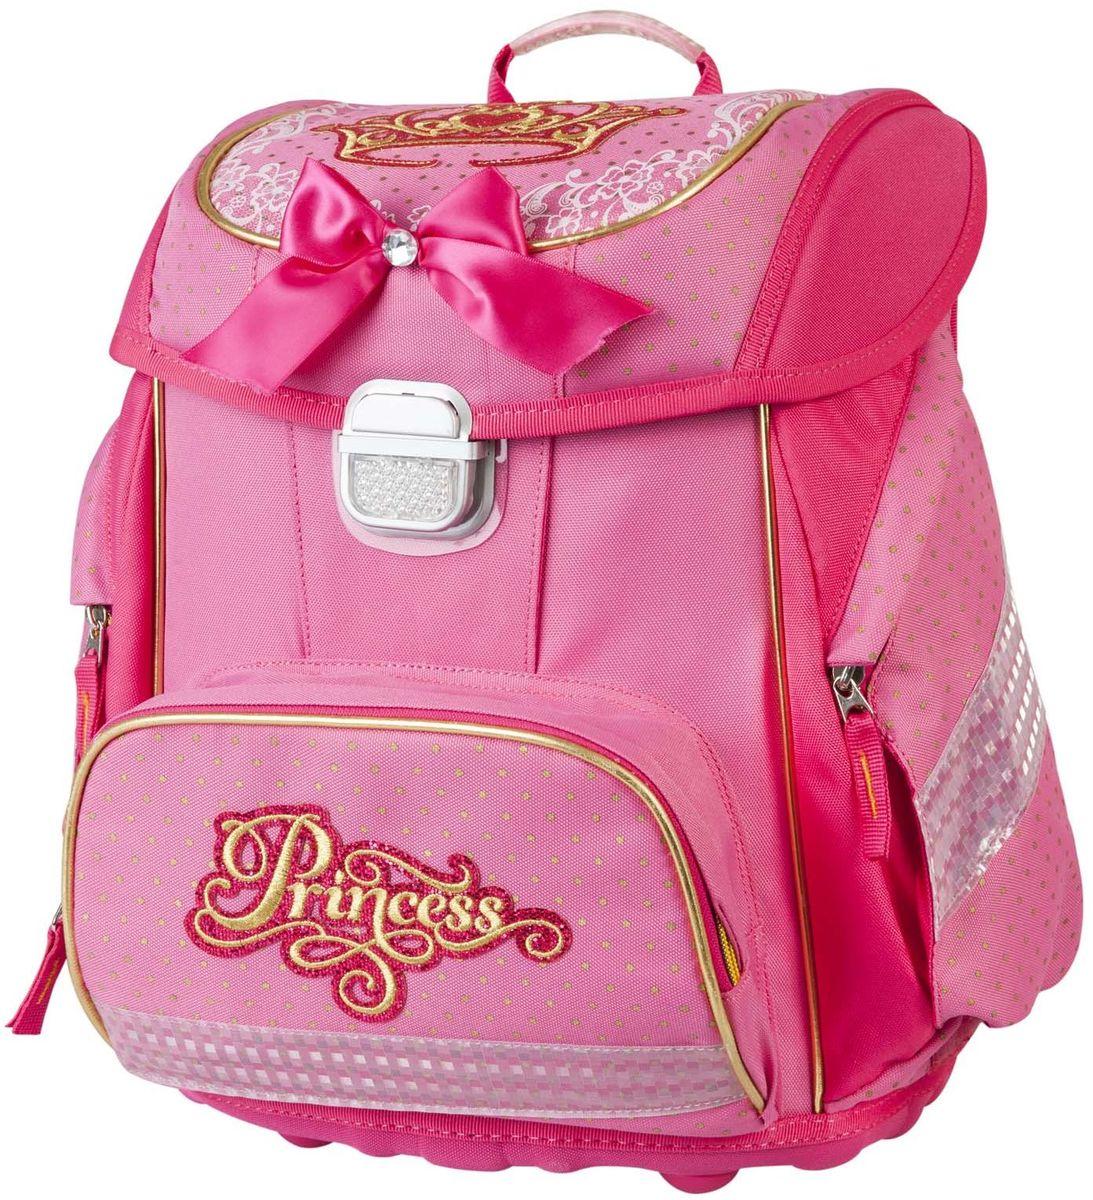 Target Collection Ранец школьный Принцесса 1790617906Детский рюкзак бренда «Target Collection» имеет яркий рисунок и изготовлен из современных, прочных материалов. Техническими особенностями рюкзака (портфелей) «Target Collection» является система «Flexiball» (поясничная поддержка), которая оптимально адаптирована для ребенка. Ведь самое главное, чтобы ребенок имел правильную осанку во время переноски портфеля. Система «Flexiball» является новшеством в промышленности, она правильно распределяет вес мешка, автоматически подстраивается под ребенка и поэтому обеспечивает идеальное положение для поясничной поддержки. Во время прогулки, система «Flexiball» движется вместе с ребенком, за счет гибкого материала уменьшает нагрузку при ходьбе. Портфель имеет форму куба, пригодную для учащихся начальных классов. Плечевые лямки можно отрегулировать для каждого ребенка индивидуально, поэтому получается что он «растет» вместе с ребенком. Лямки содержат вентиляционные отверстия и тем самым имеют возможность дышать. Они дополнительно оснащены...